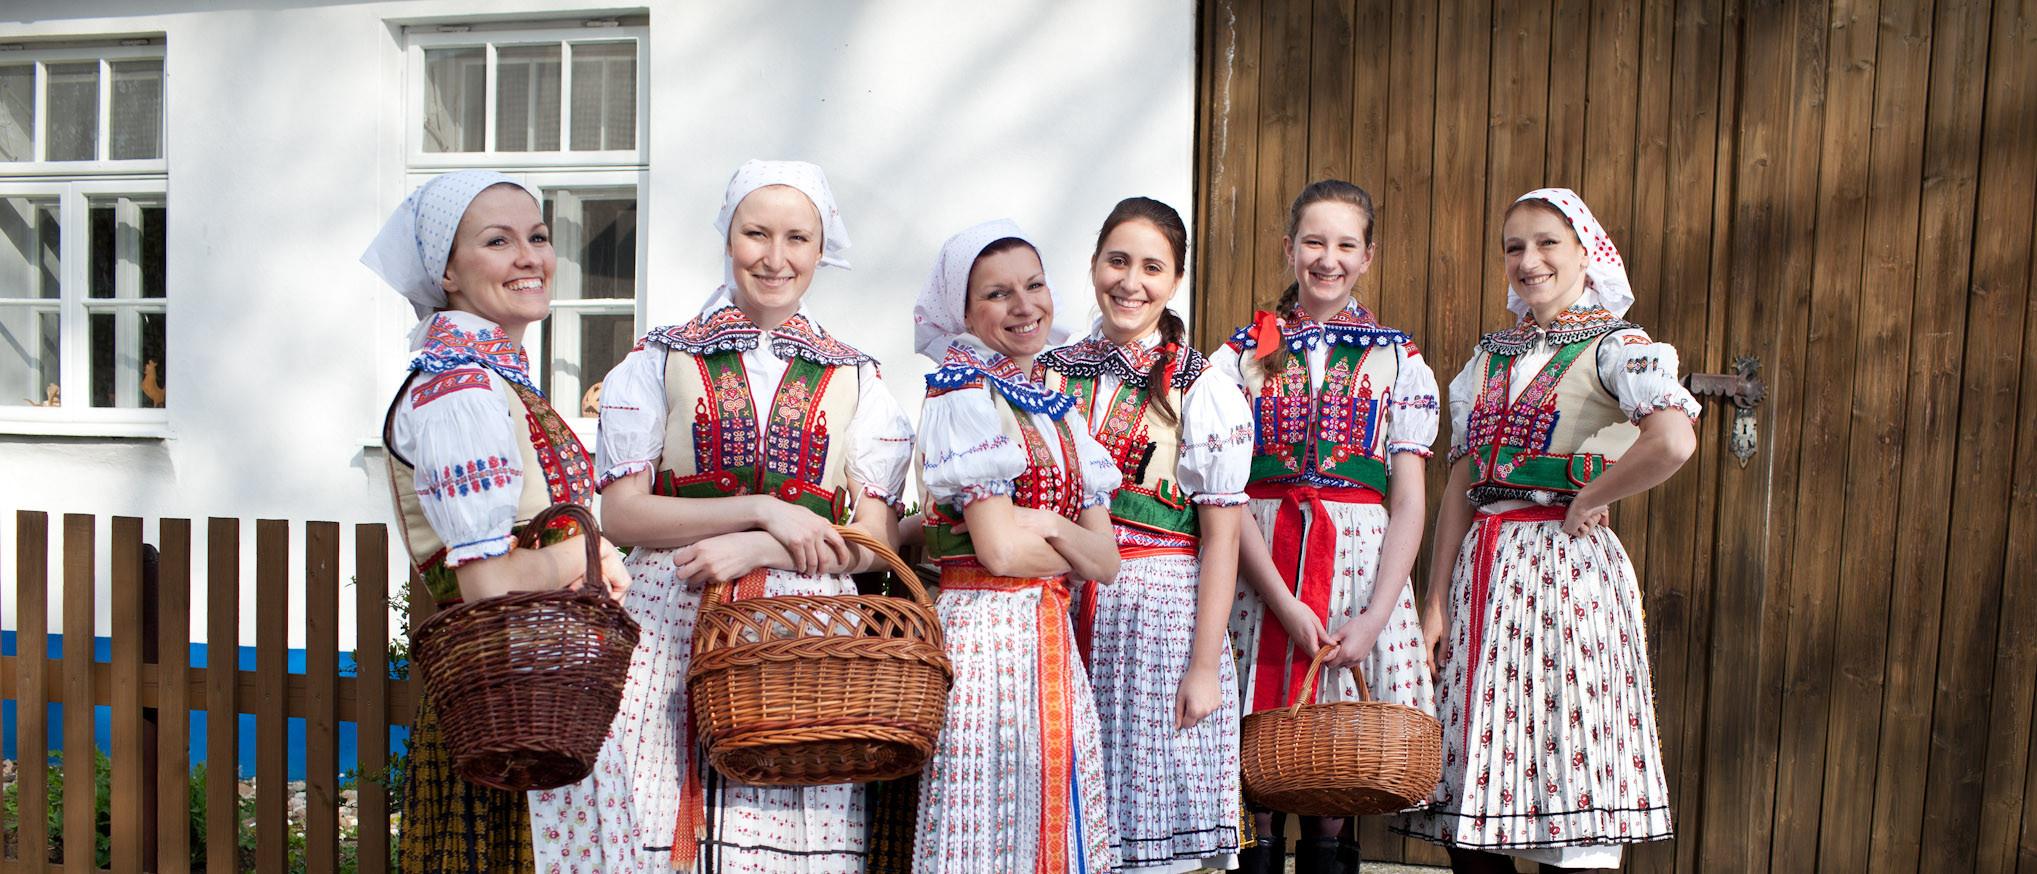 Galánky z Oskoruše vystoupí společně s kapelou MUSICA FOLKLORICA